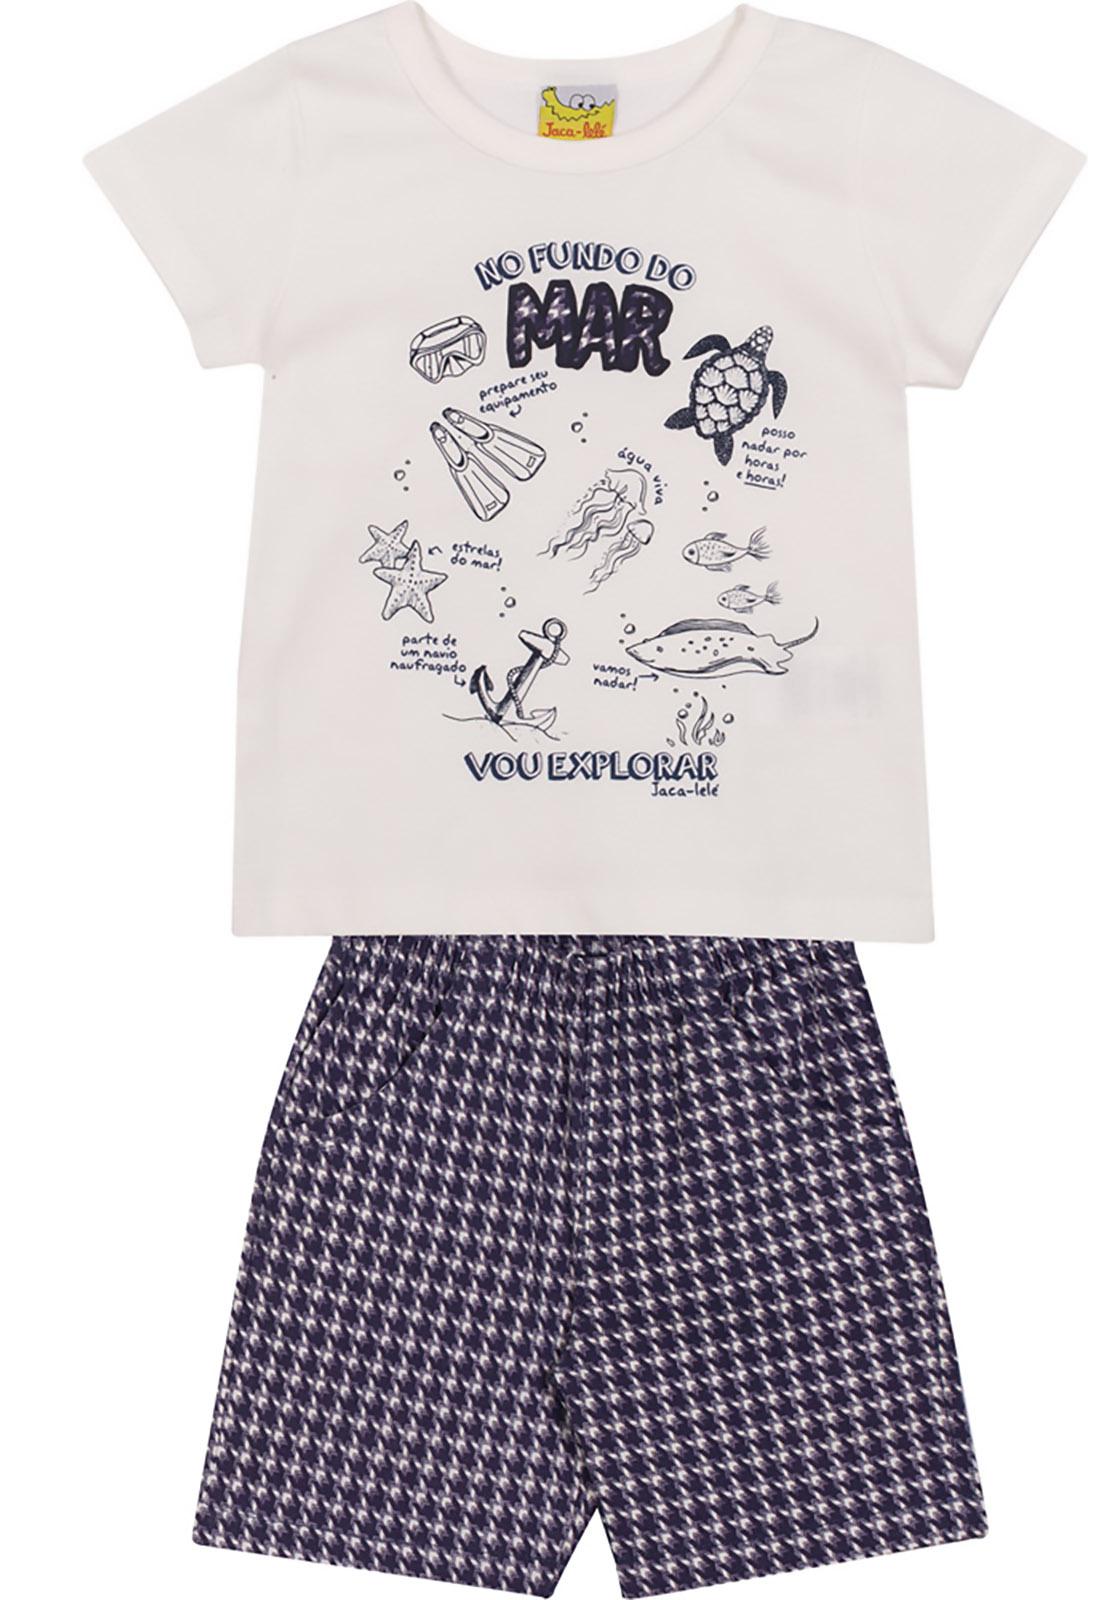 Conjunto Infantil Camiseta e Bermuda JACA-LELÉ  Fundo do Mar Offwhite e Azul